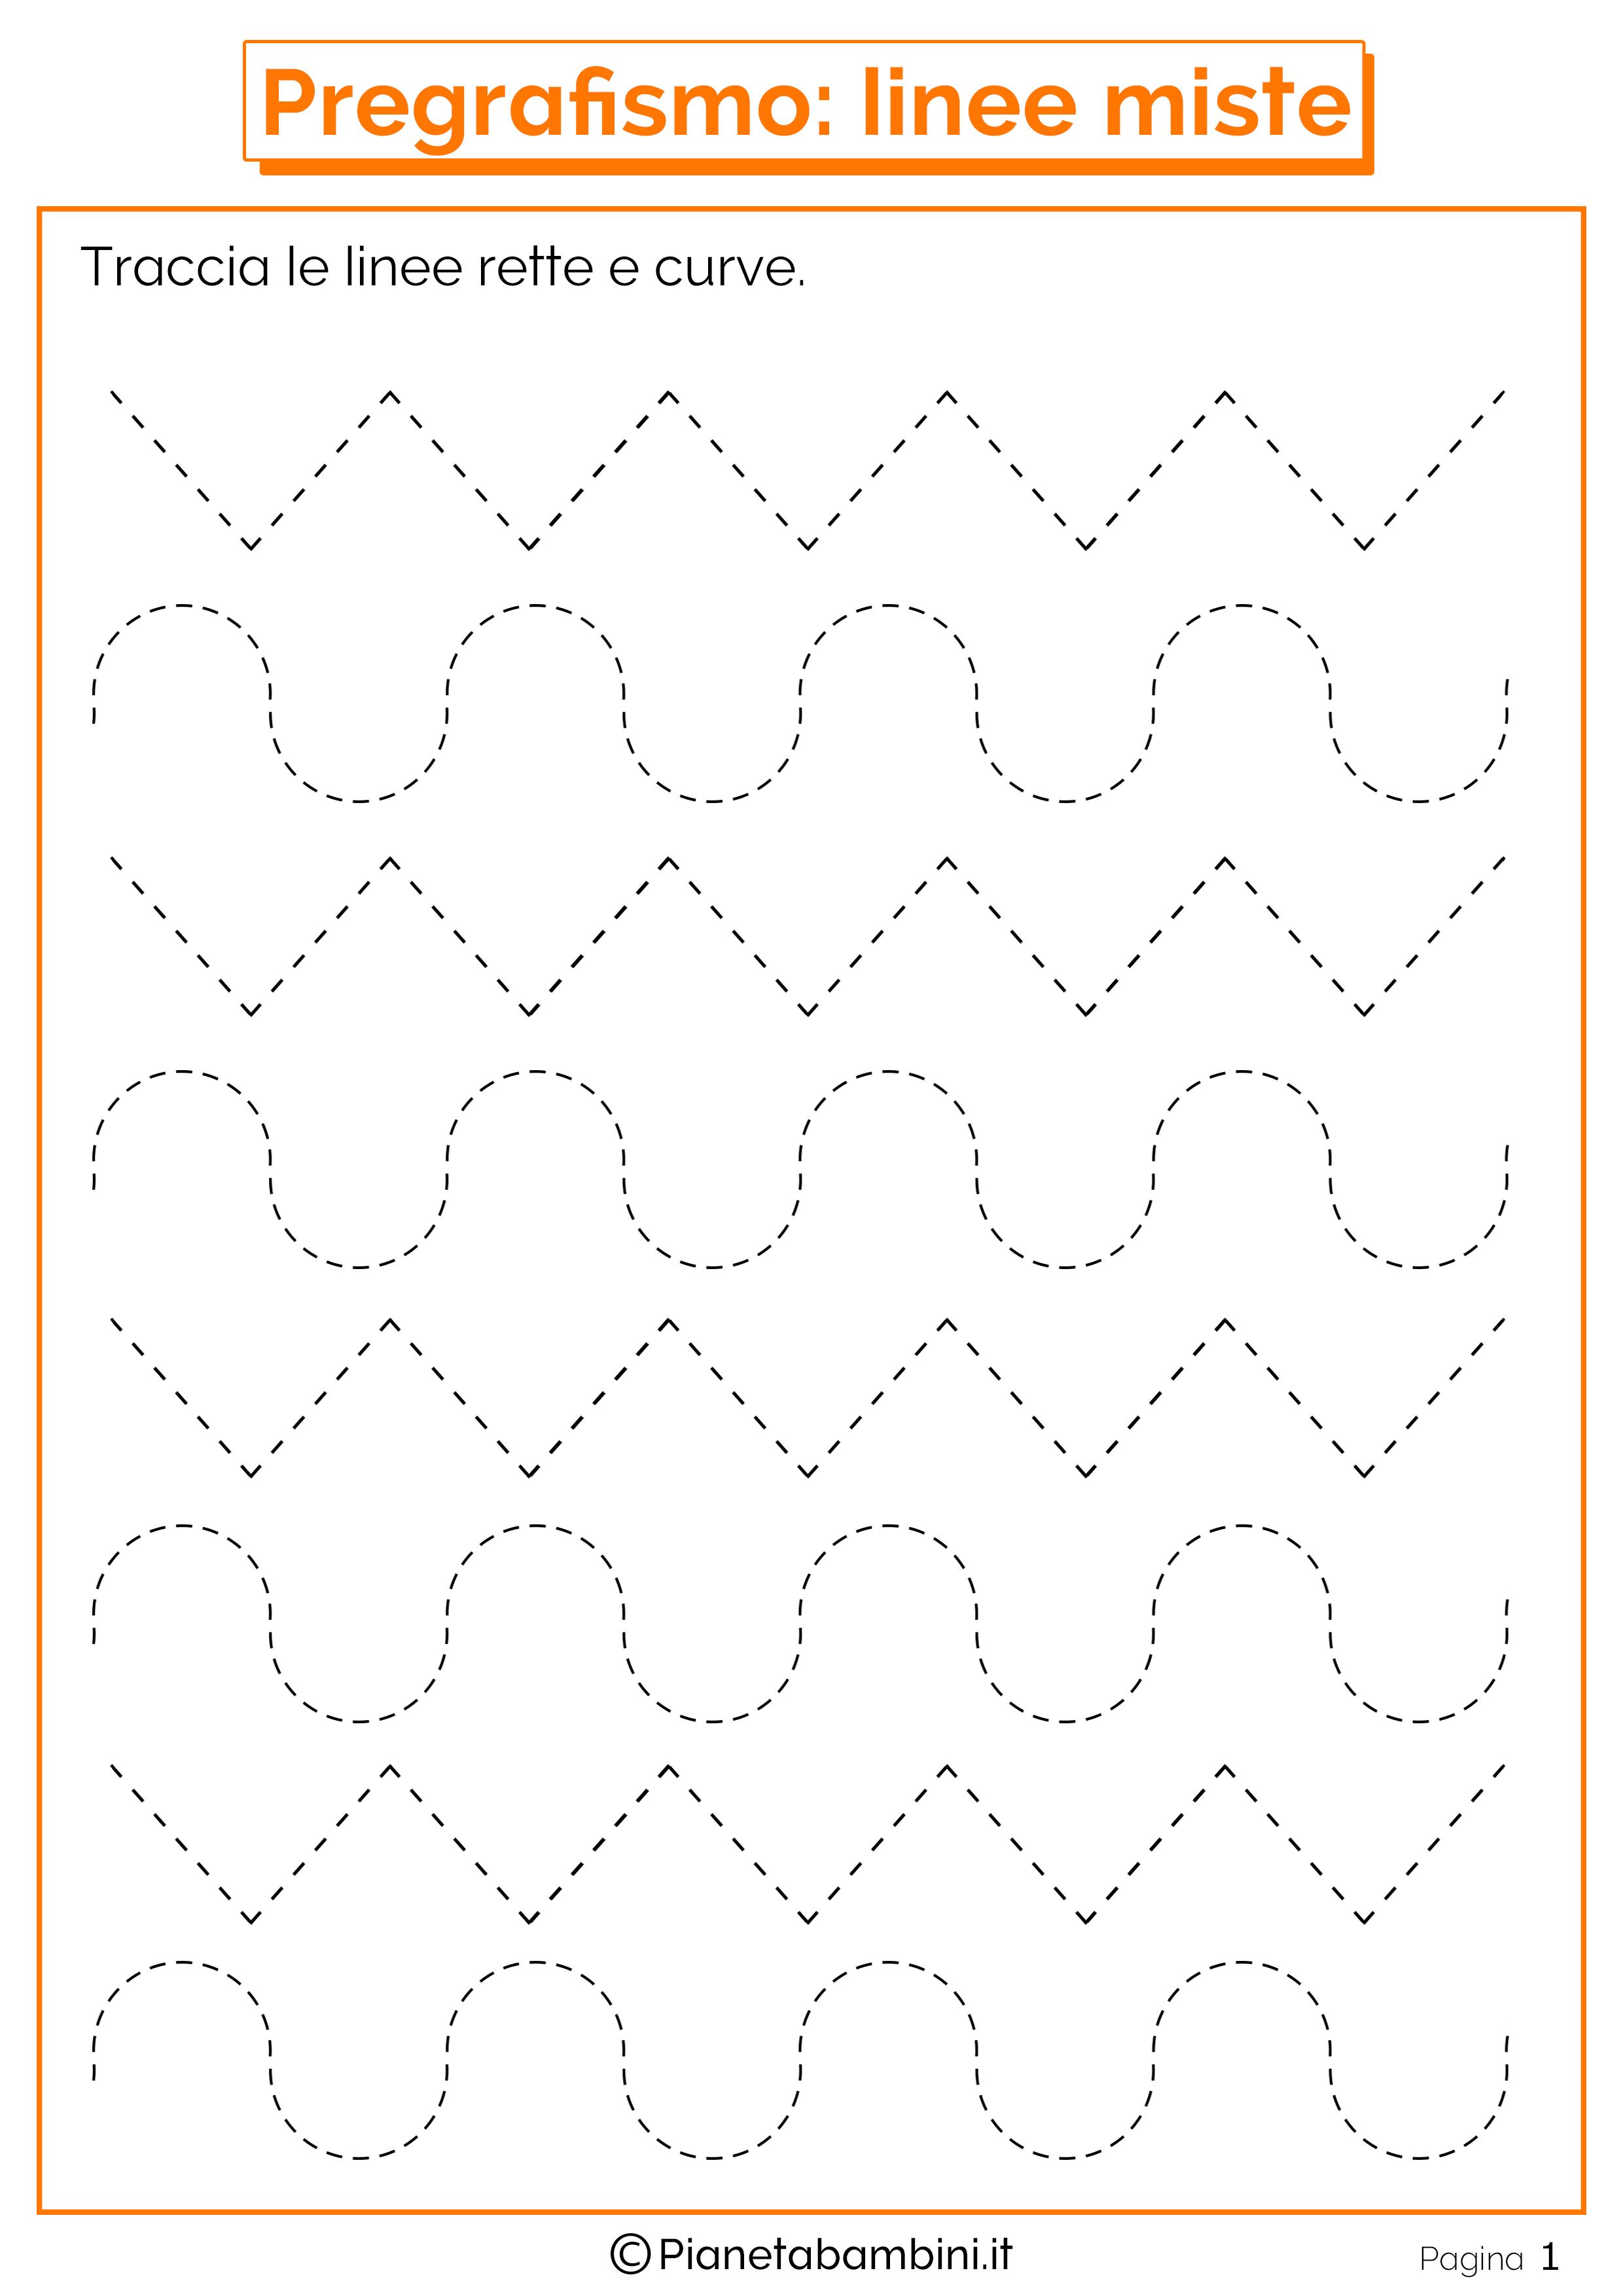 Eccezionale Schede di Pregrafismo di Percorsi con Linee Rette e Curve  CI36